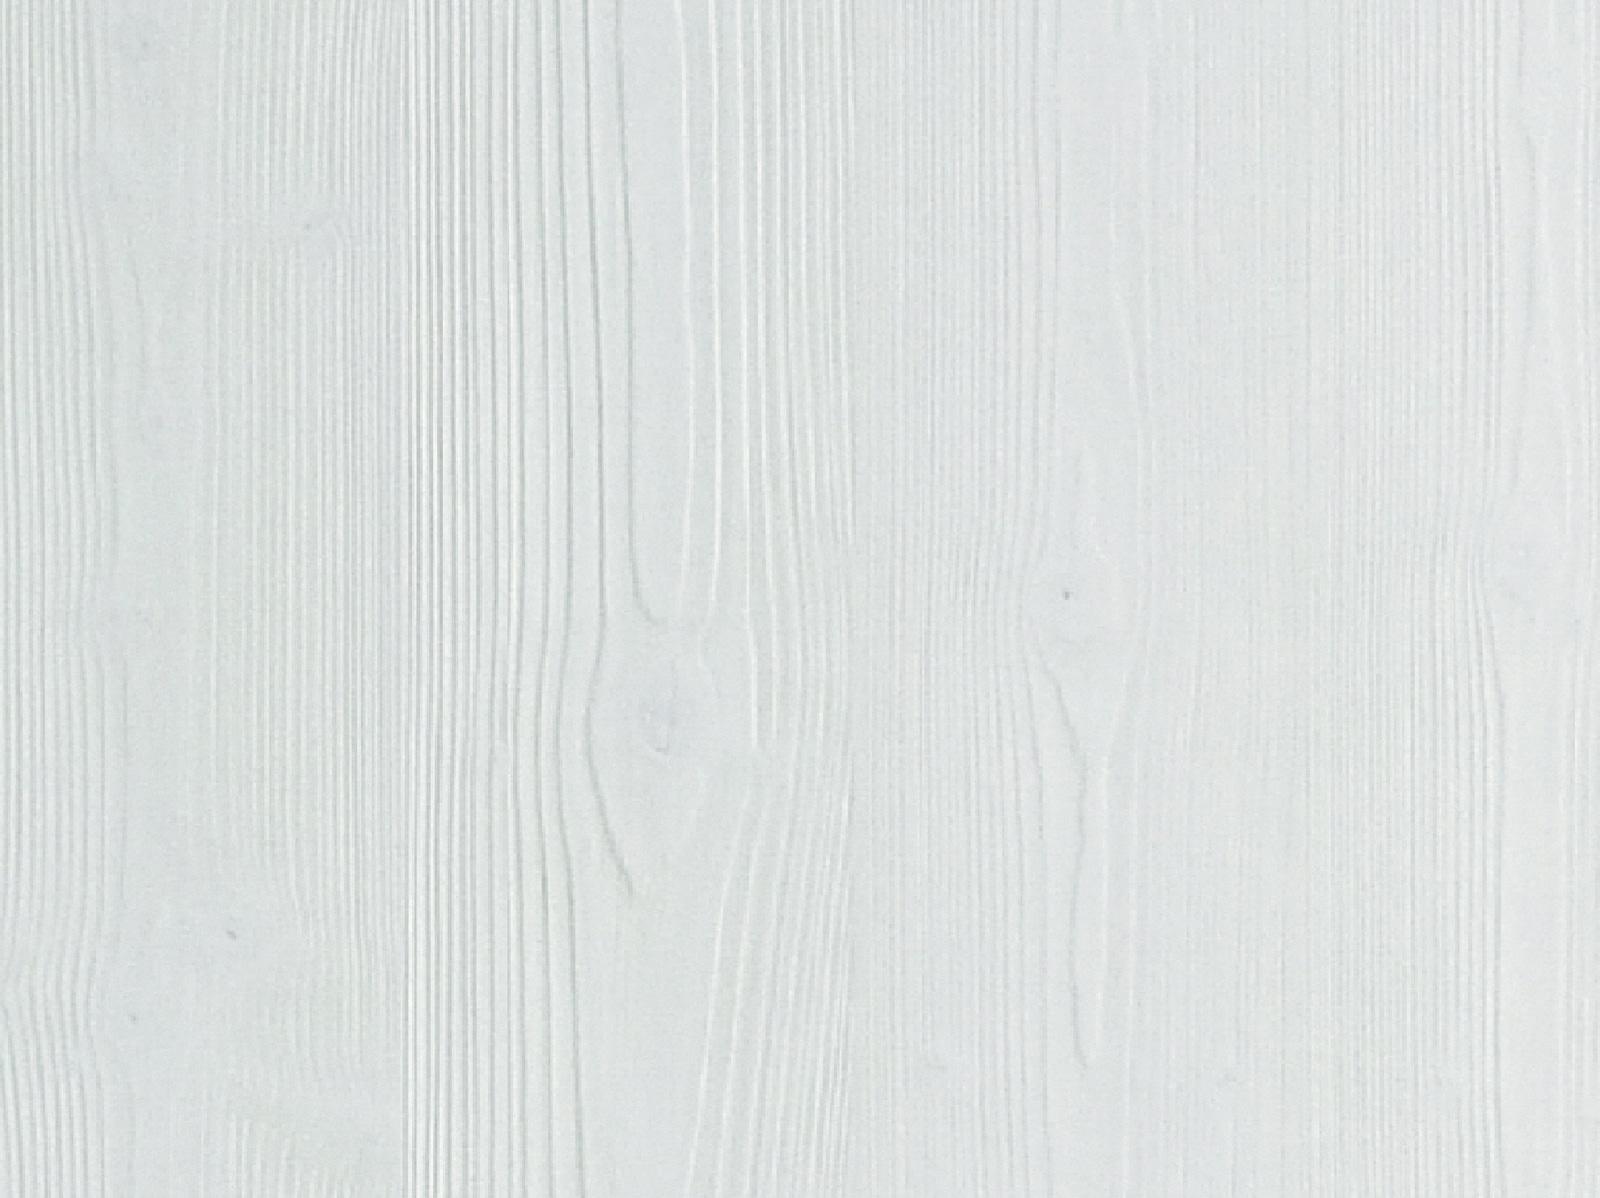 Echtholz Fichte astig stark weiß gebürstet